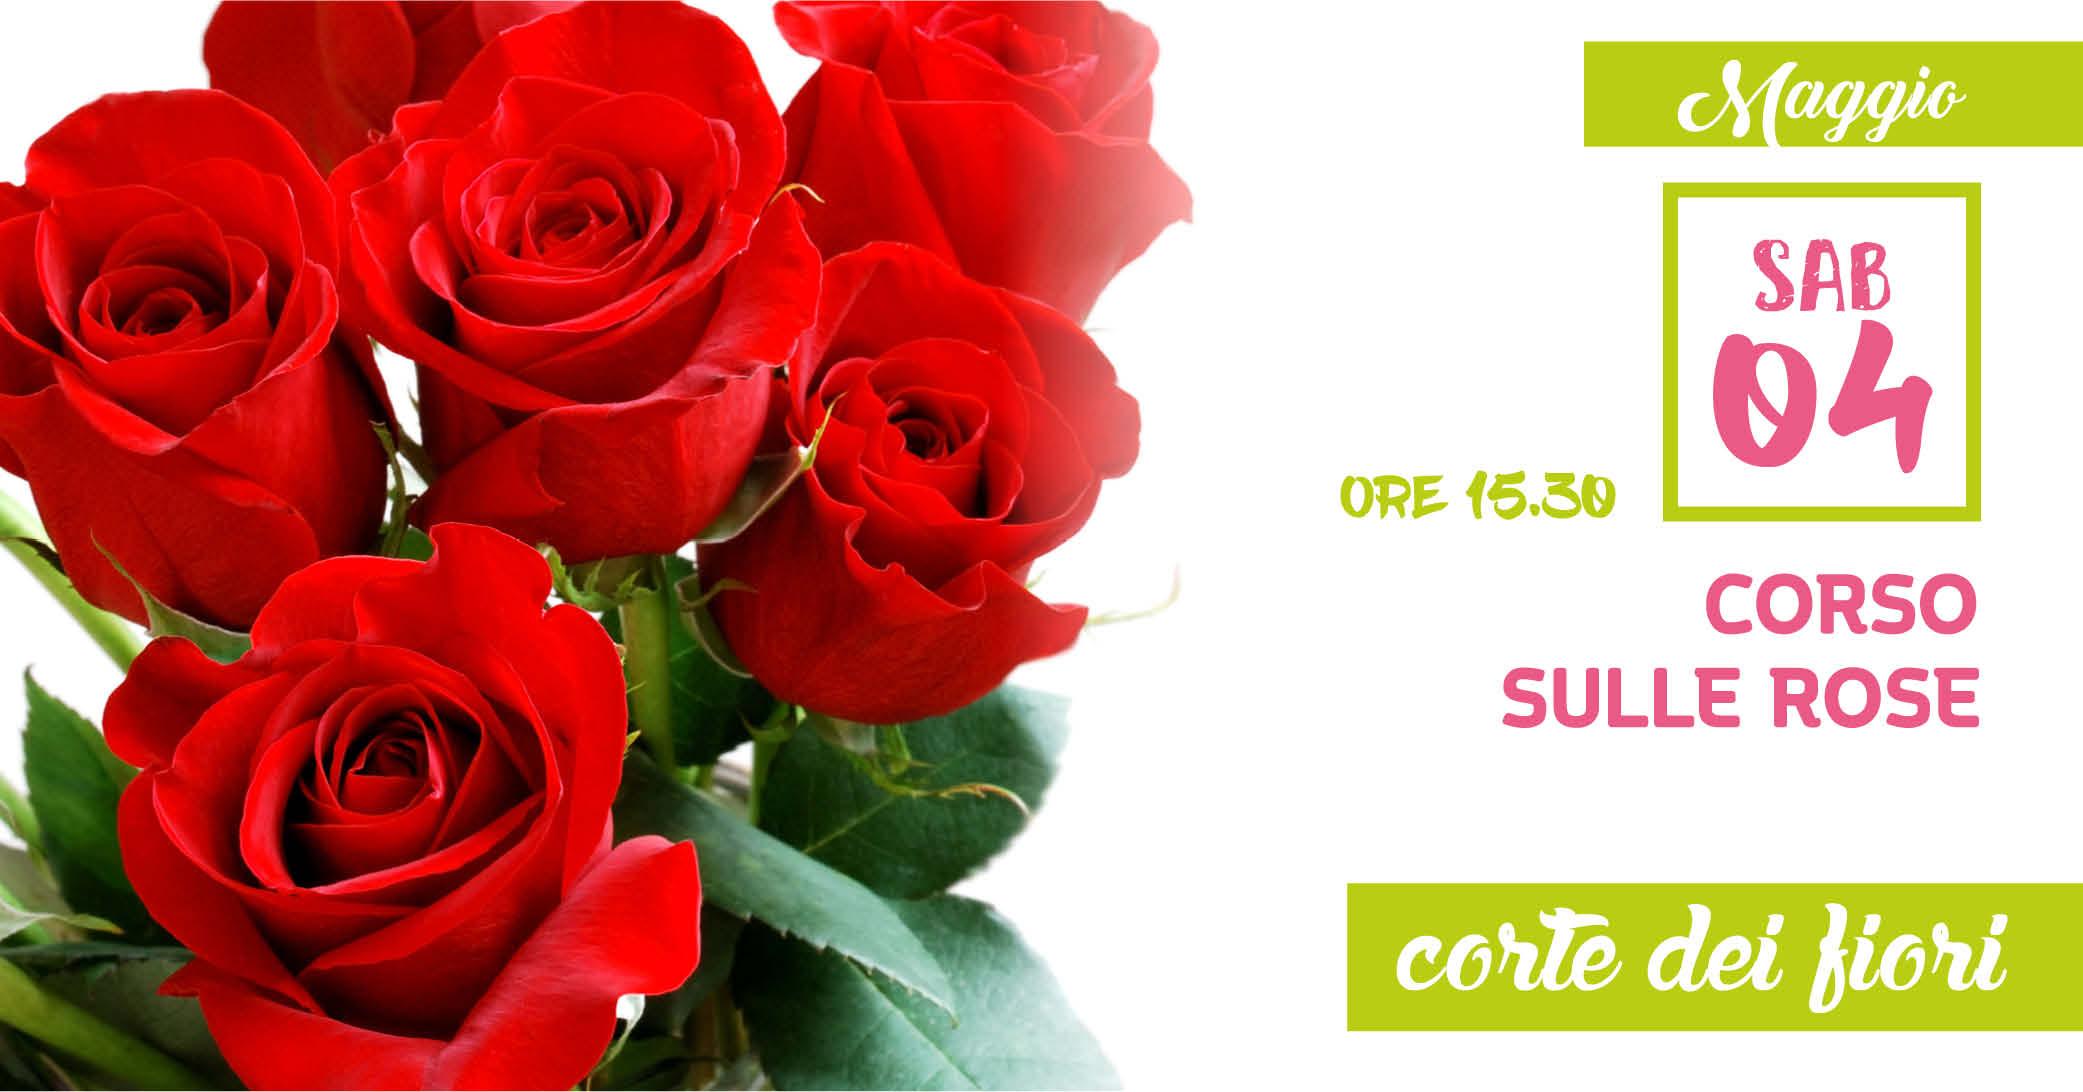 Corso sulle rose